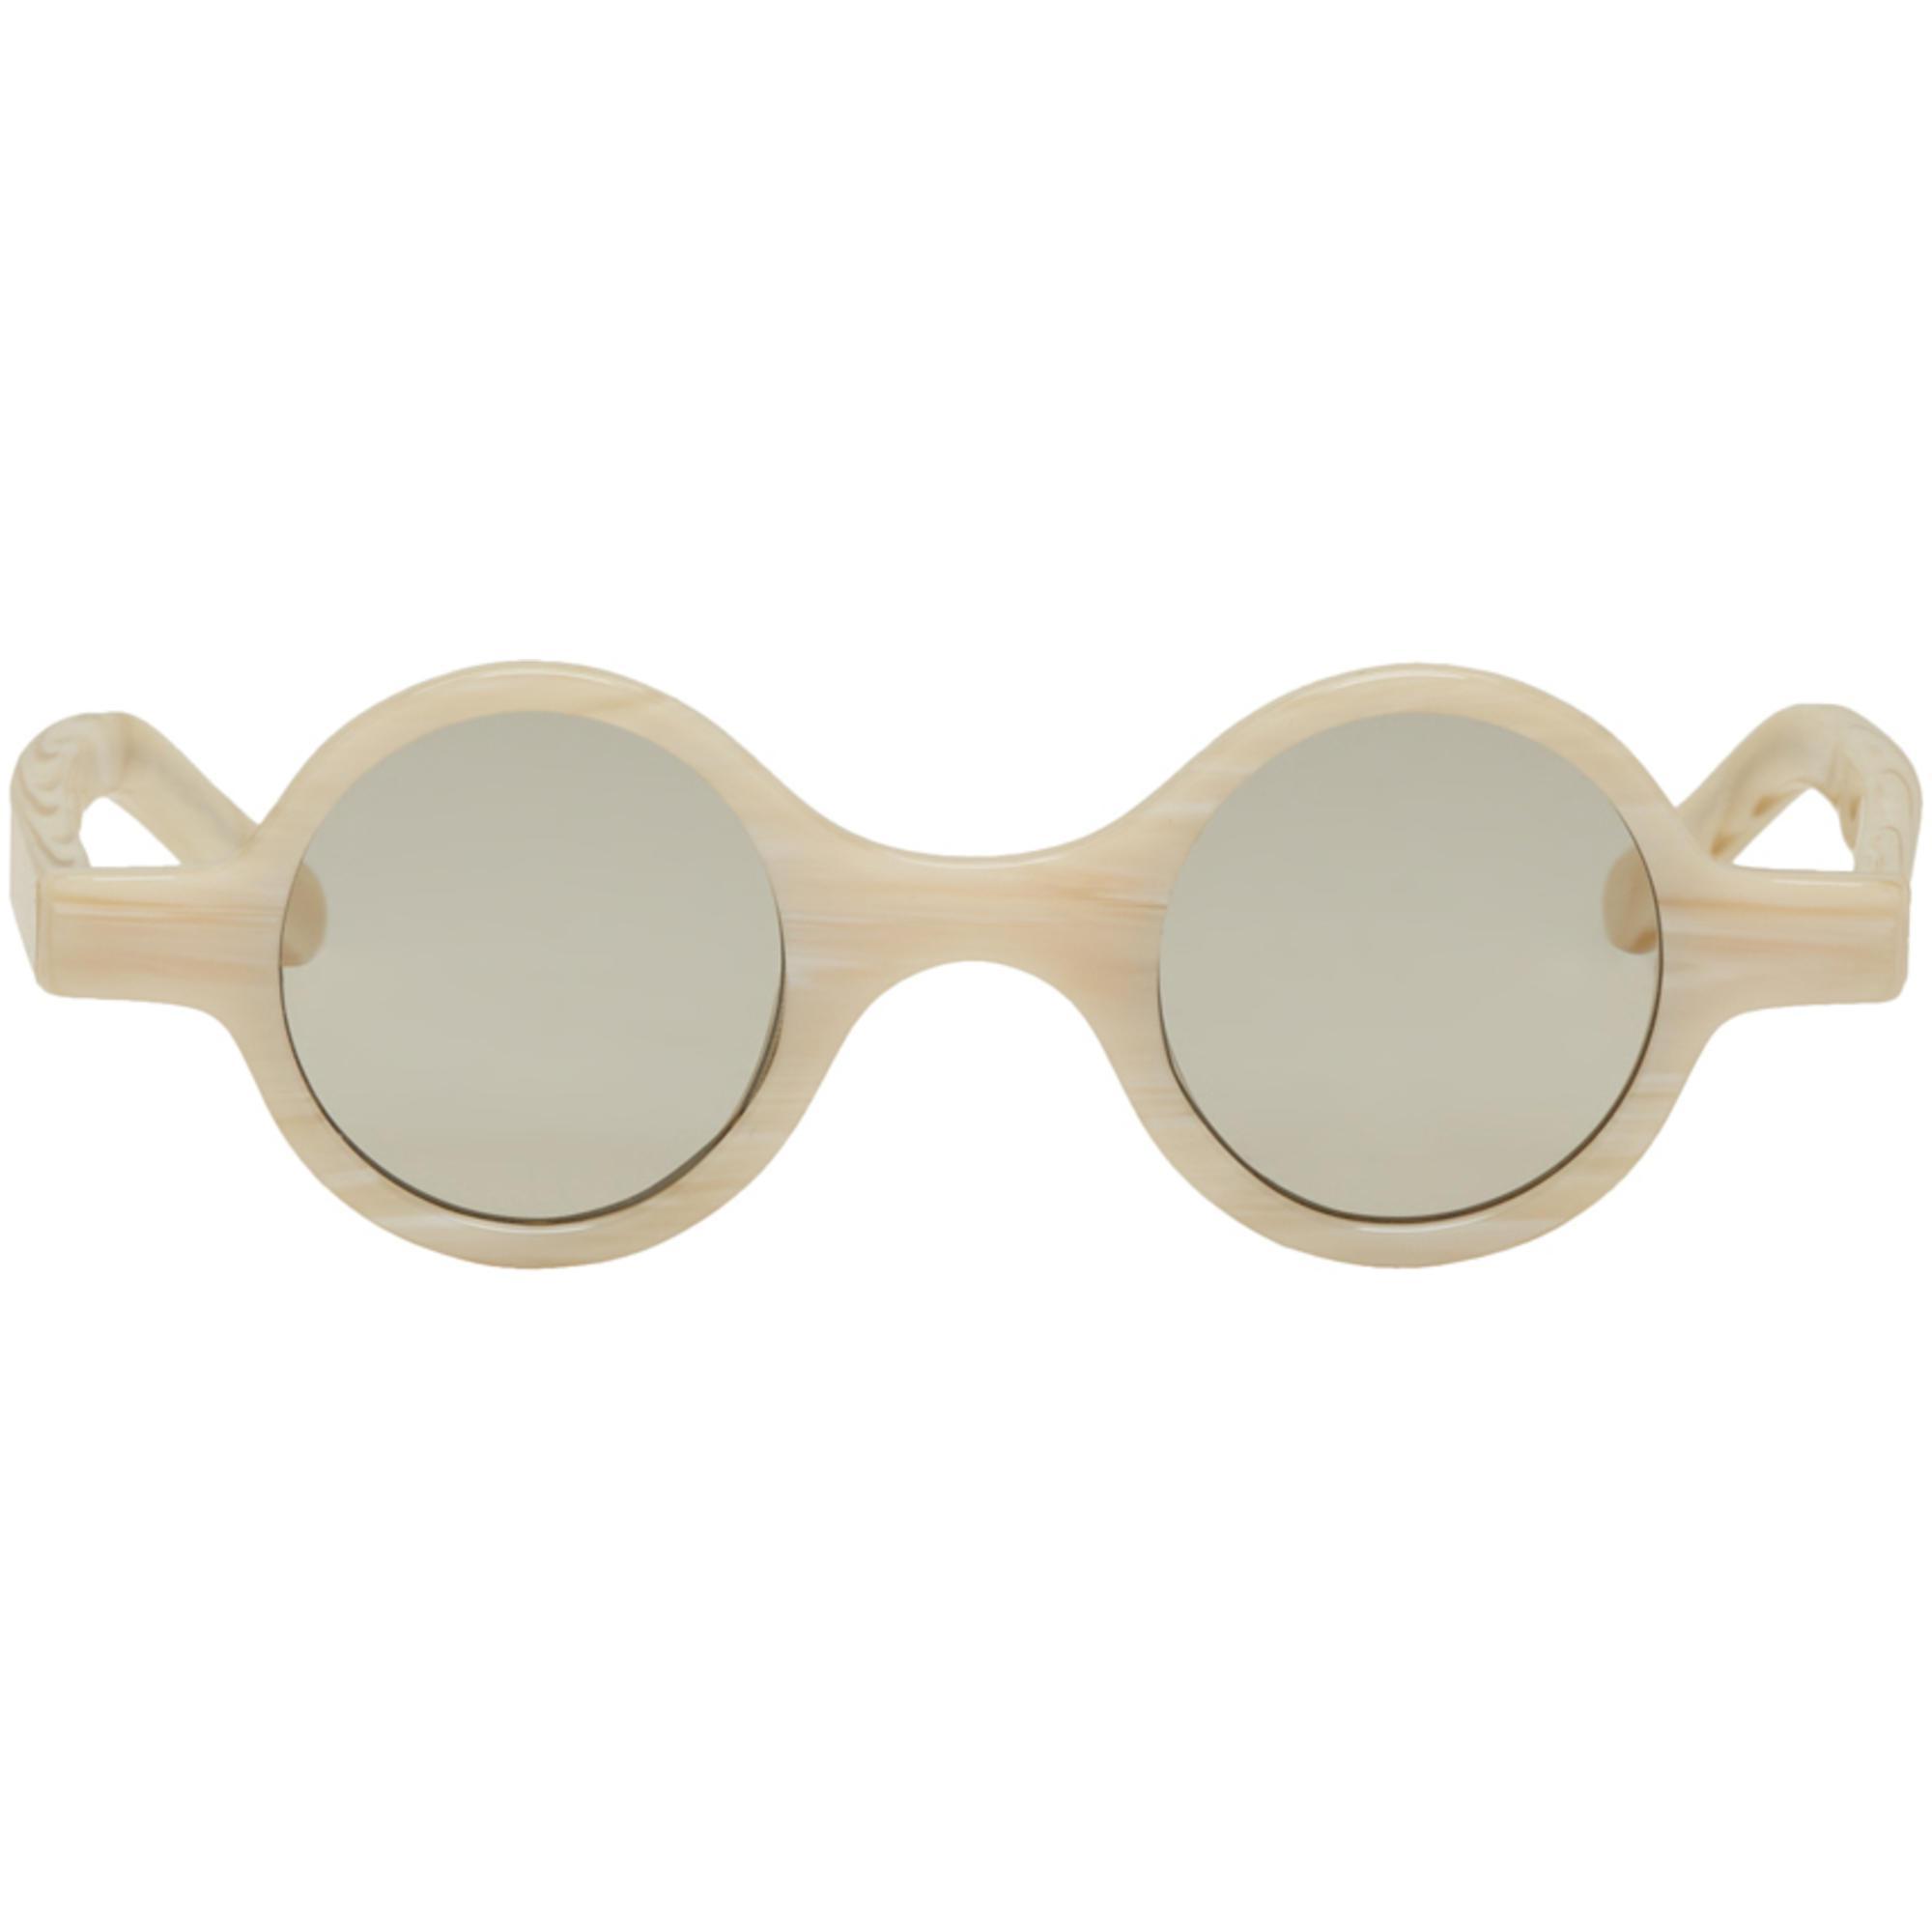 Valeska Gafas Para Hombres Studios Lyst Las De Sol Blancas Acne cKTlJF1